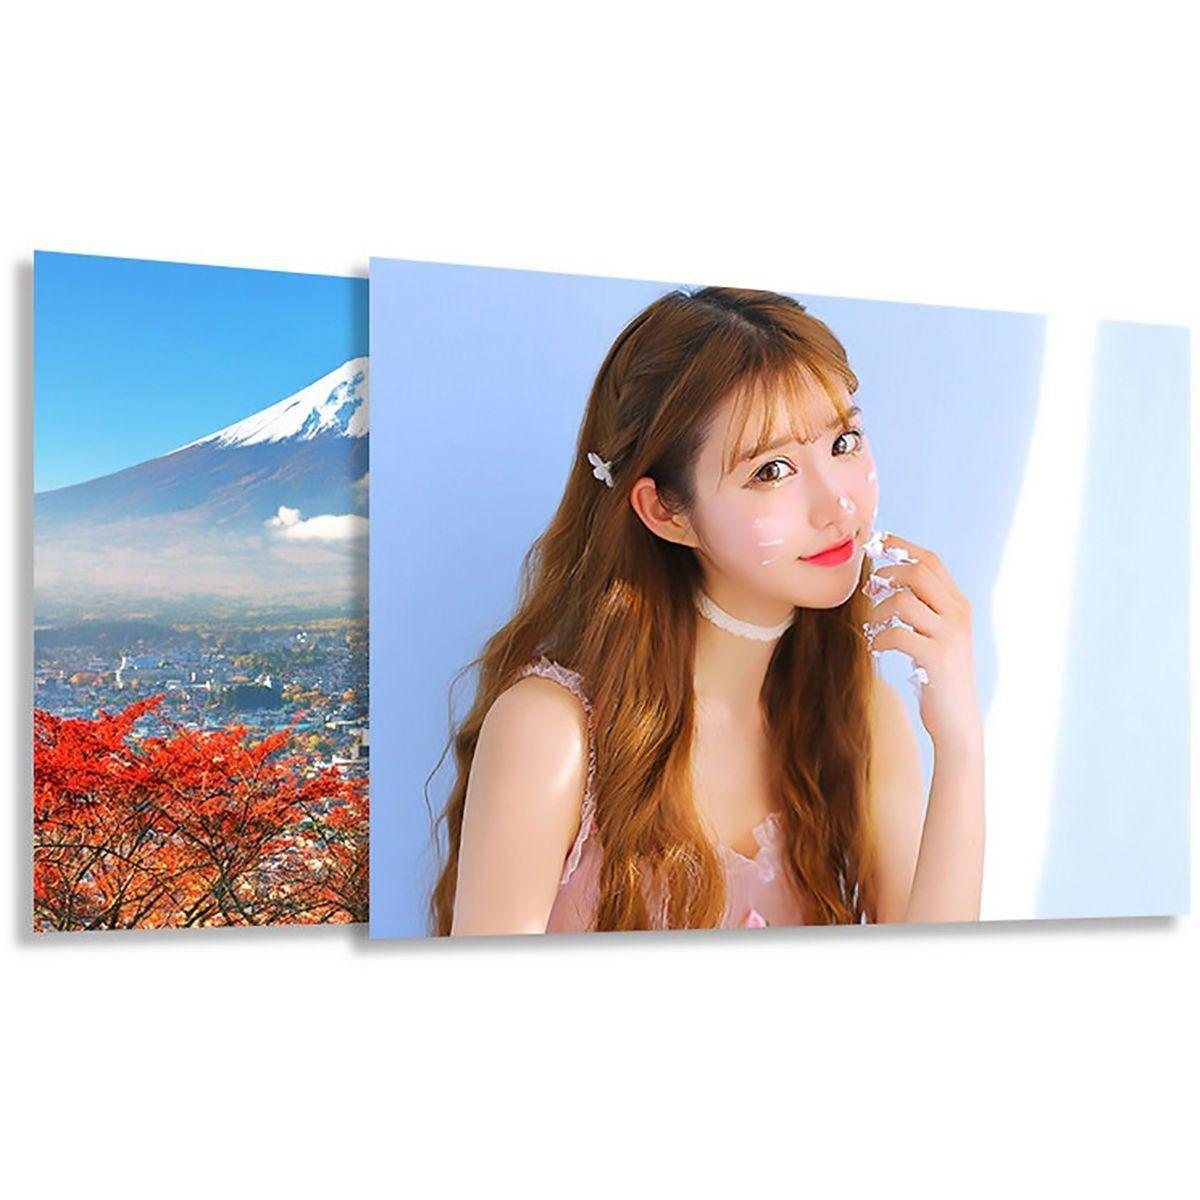 Papel Fotográfico A4 150g Glossy Branco Brilhante Resistente à Água / 100 folhas